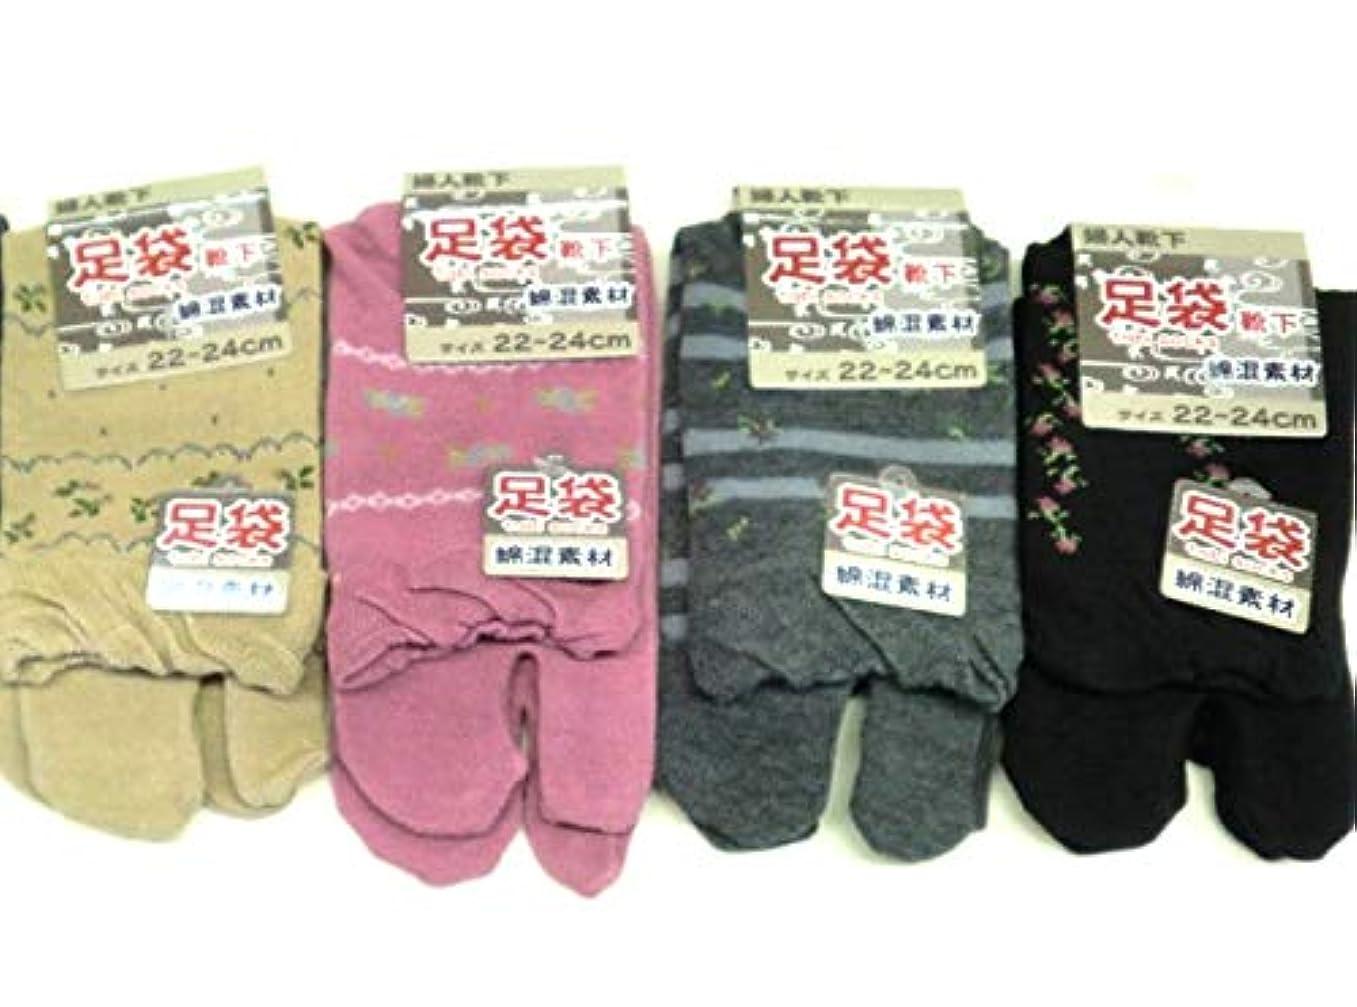 手伝う肥沃な生理足袋 ソックス 女性 かわいい柄 綿混 かかと付 口ゴムゆったり 22-24cm 4足セット(柄はお任せ)